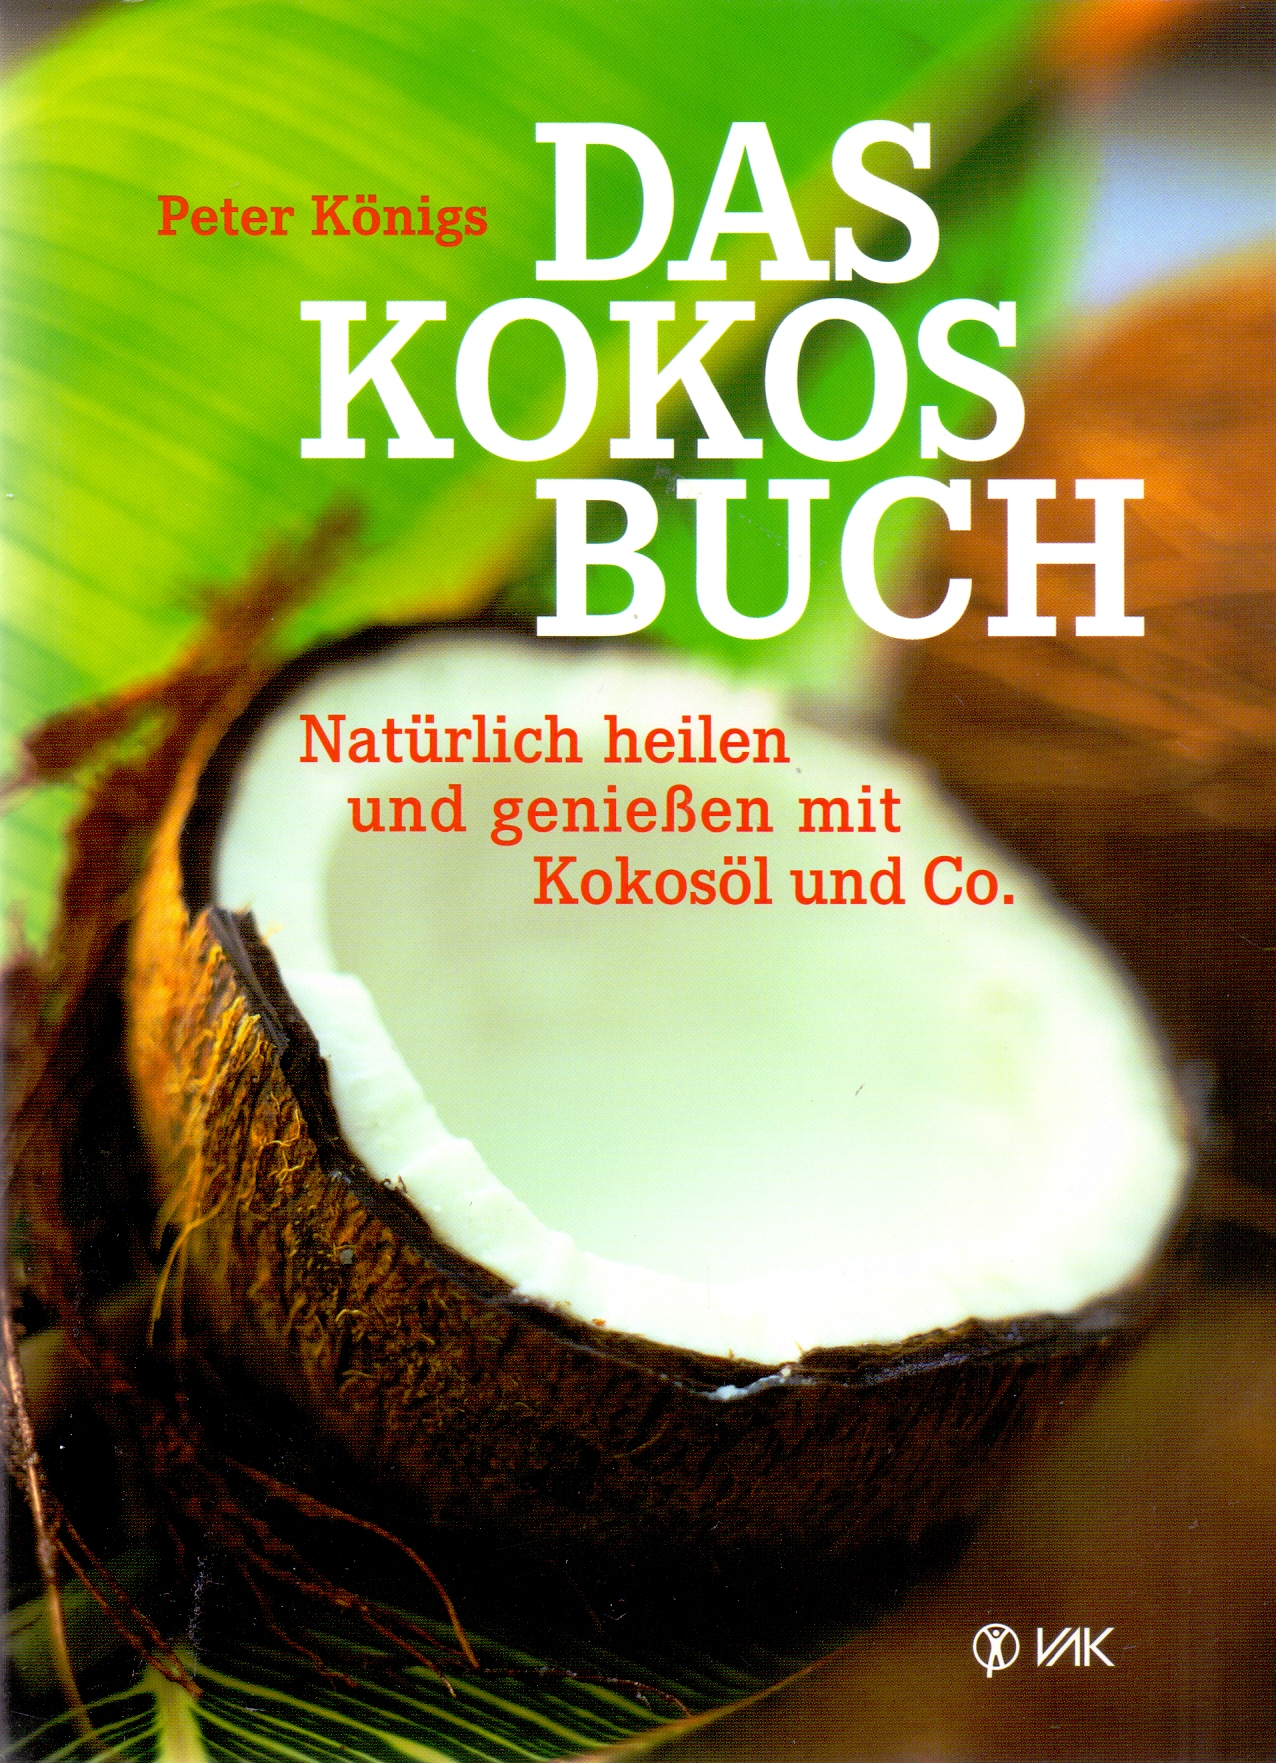 Das Kokos-Buch: Natürlich heilen und genießen mit Kokosöl und Co - Peter Königs [Broschiert, 6. Auflage 2014]